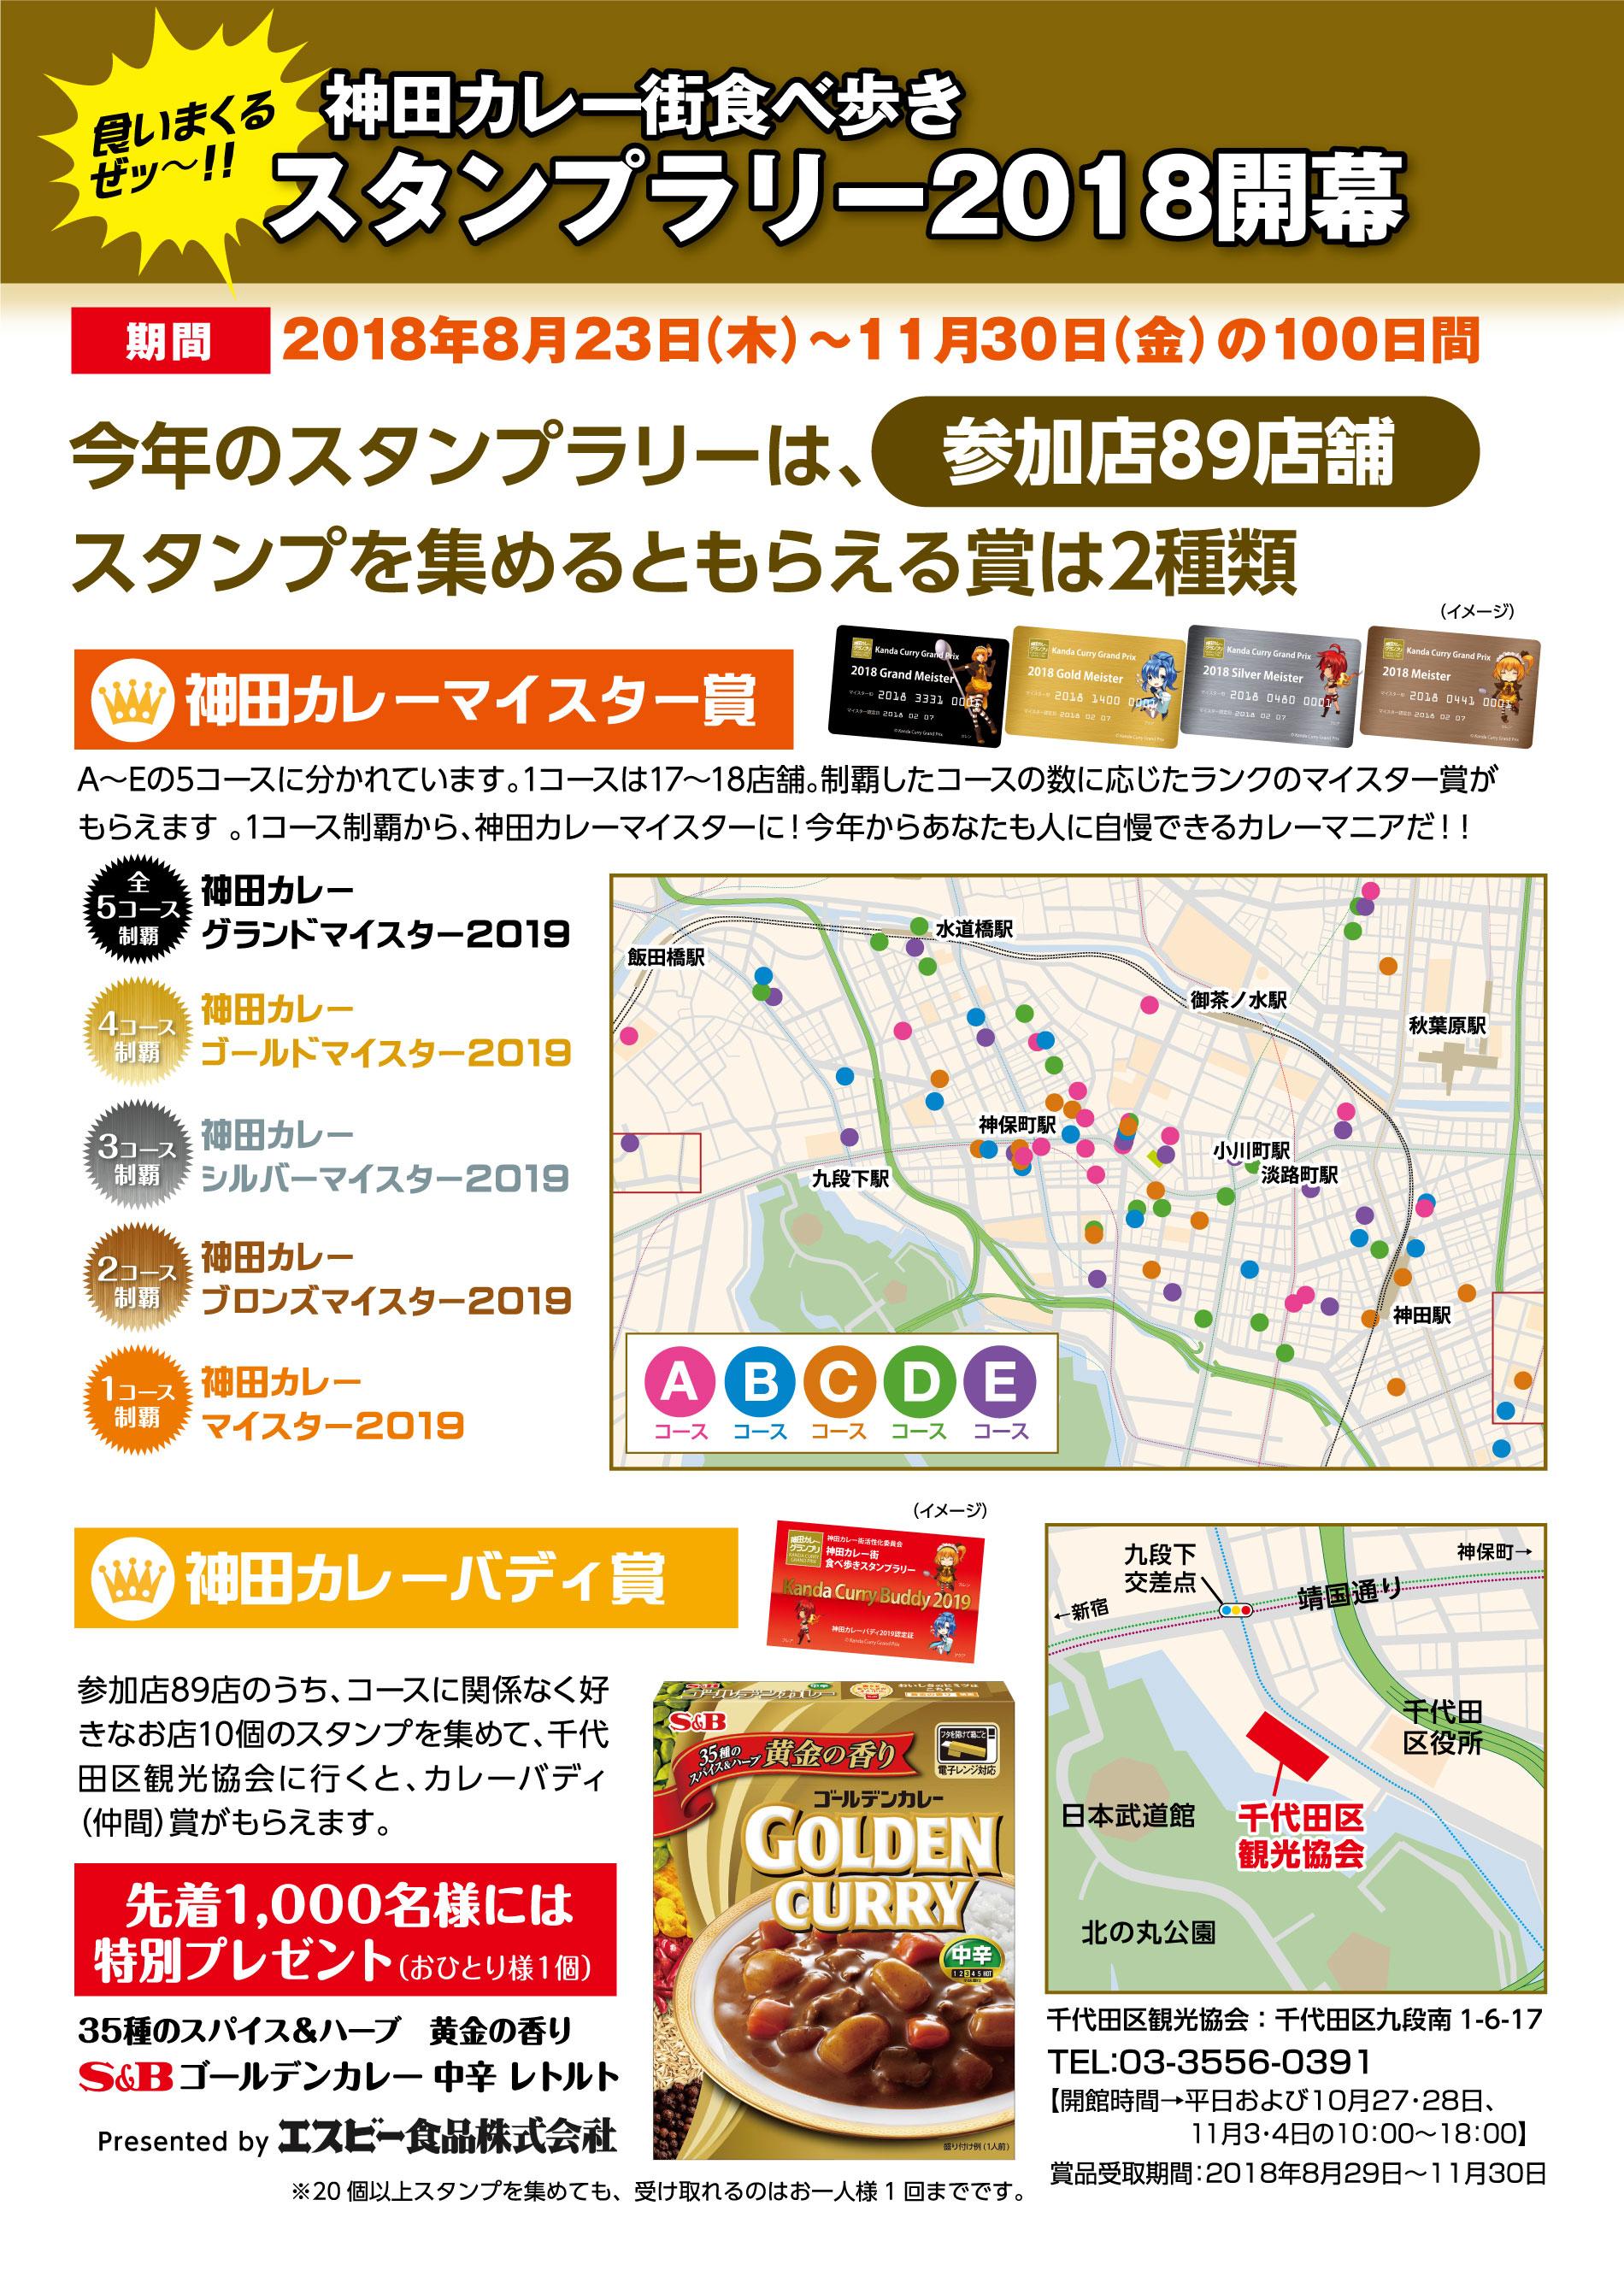 今年のスタンプラリーはもらえる賞が2つ、神田カレーバディ賞を新設